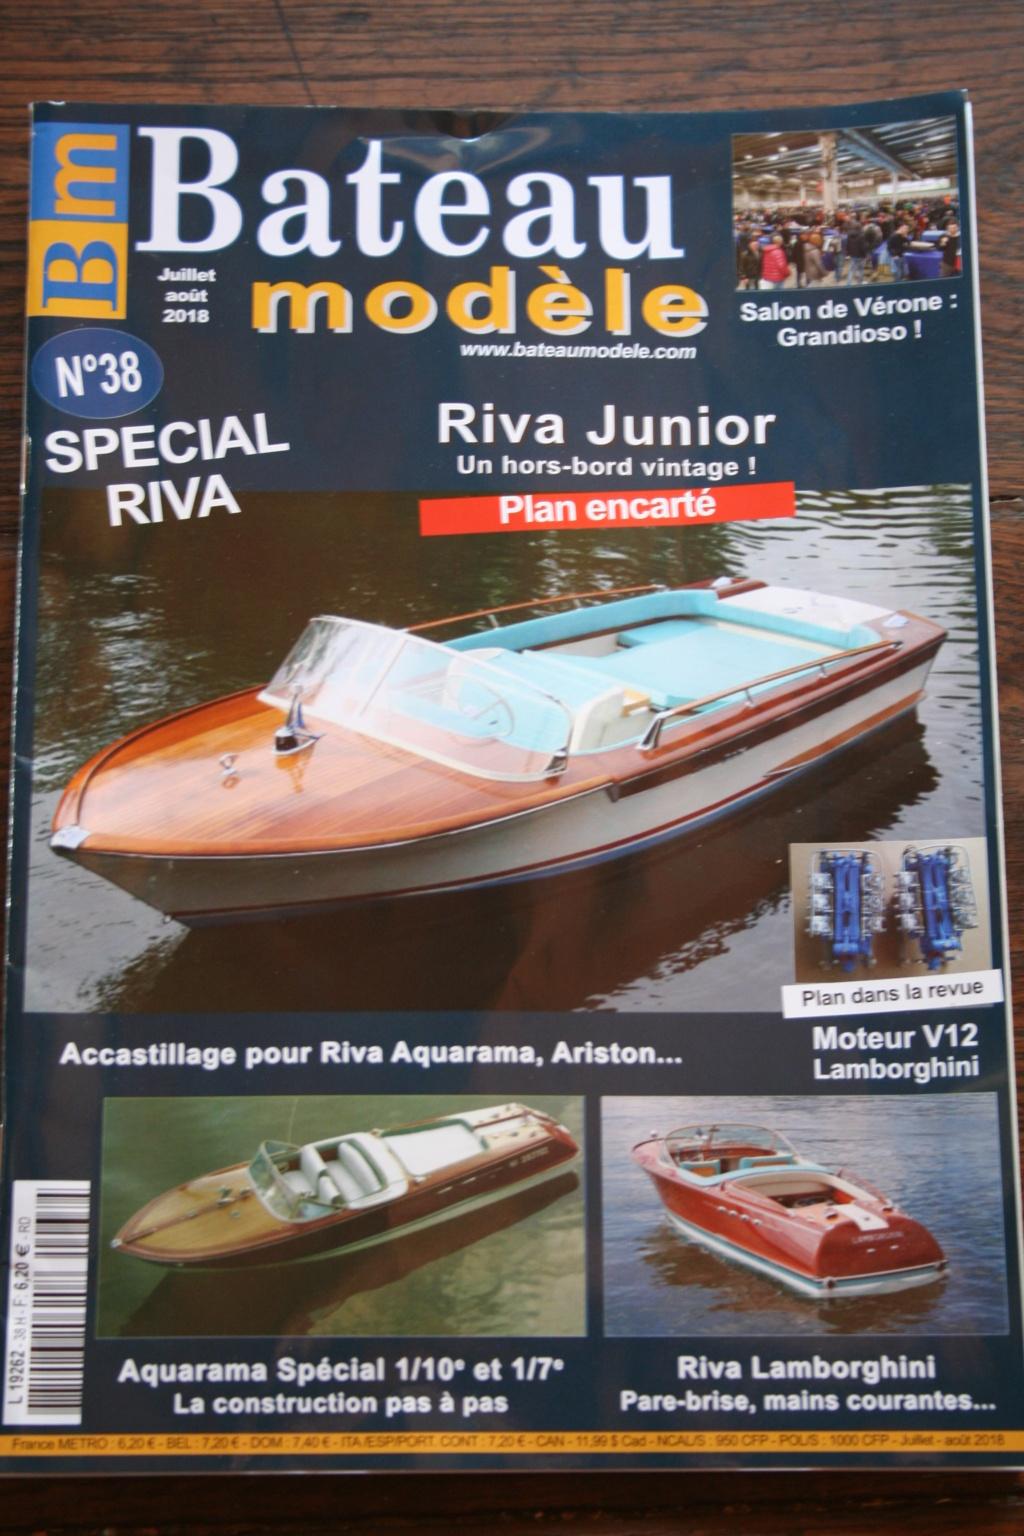 Numéro spécial Bateau modèle Img_2810